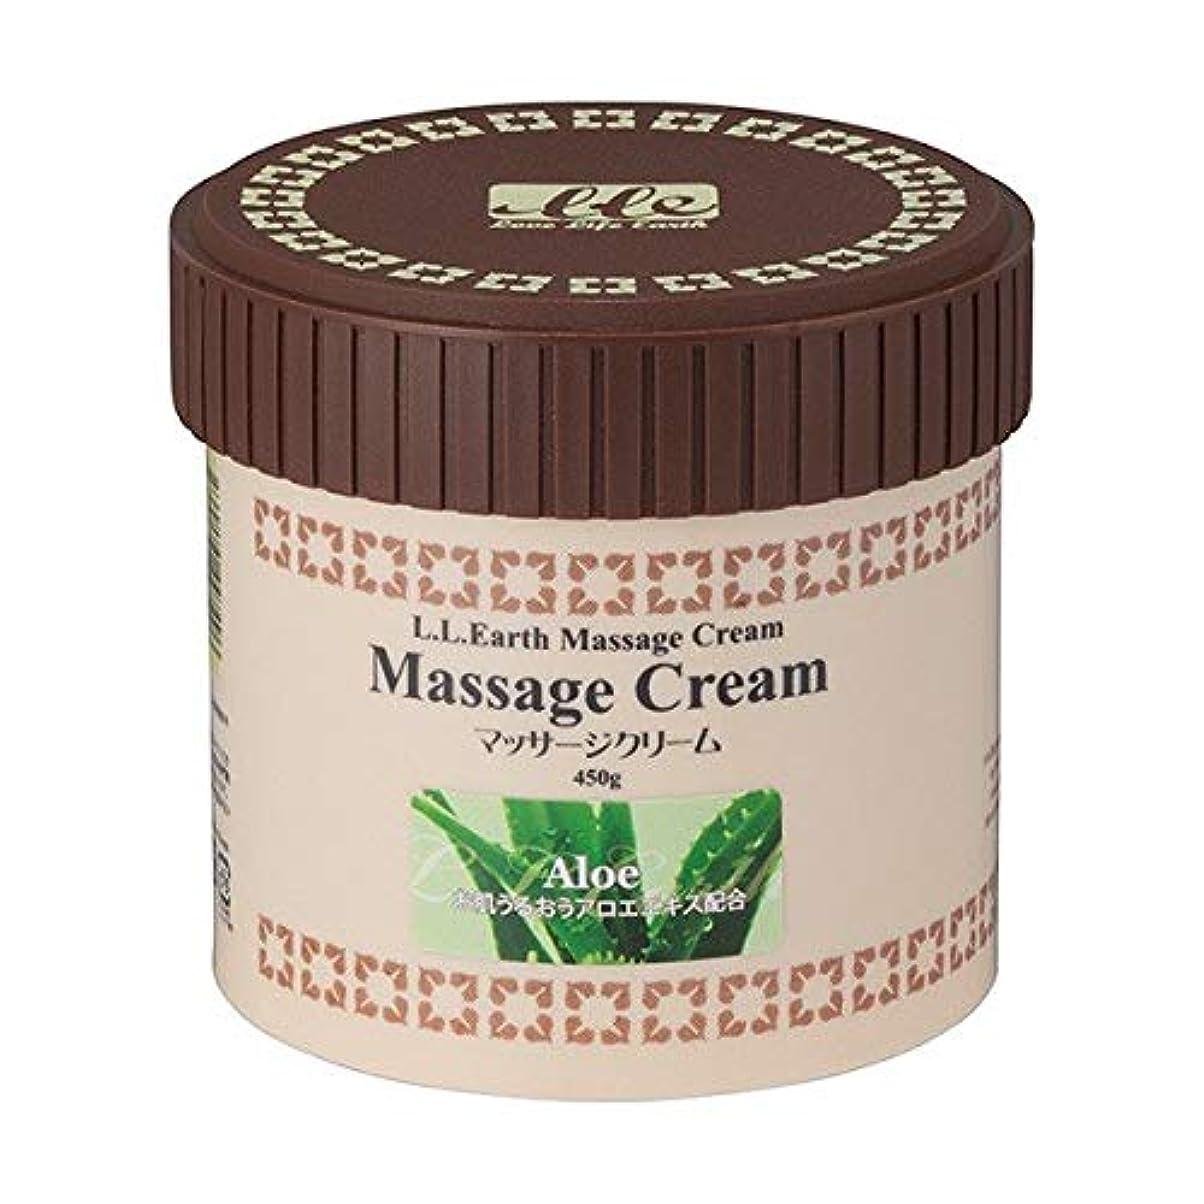 モザイク育成誤解させるLLE ミネラルマッサージクリーム 業務用 450g (アロエ) マッサージクリーム エステ用品 サロン用品 リラクゼーション